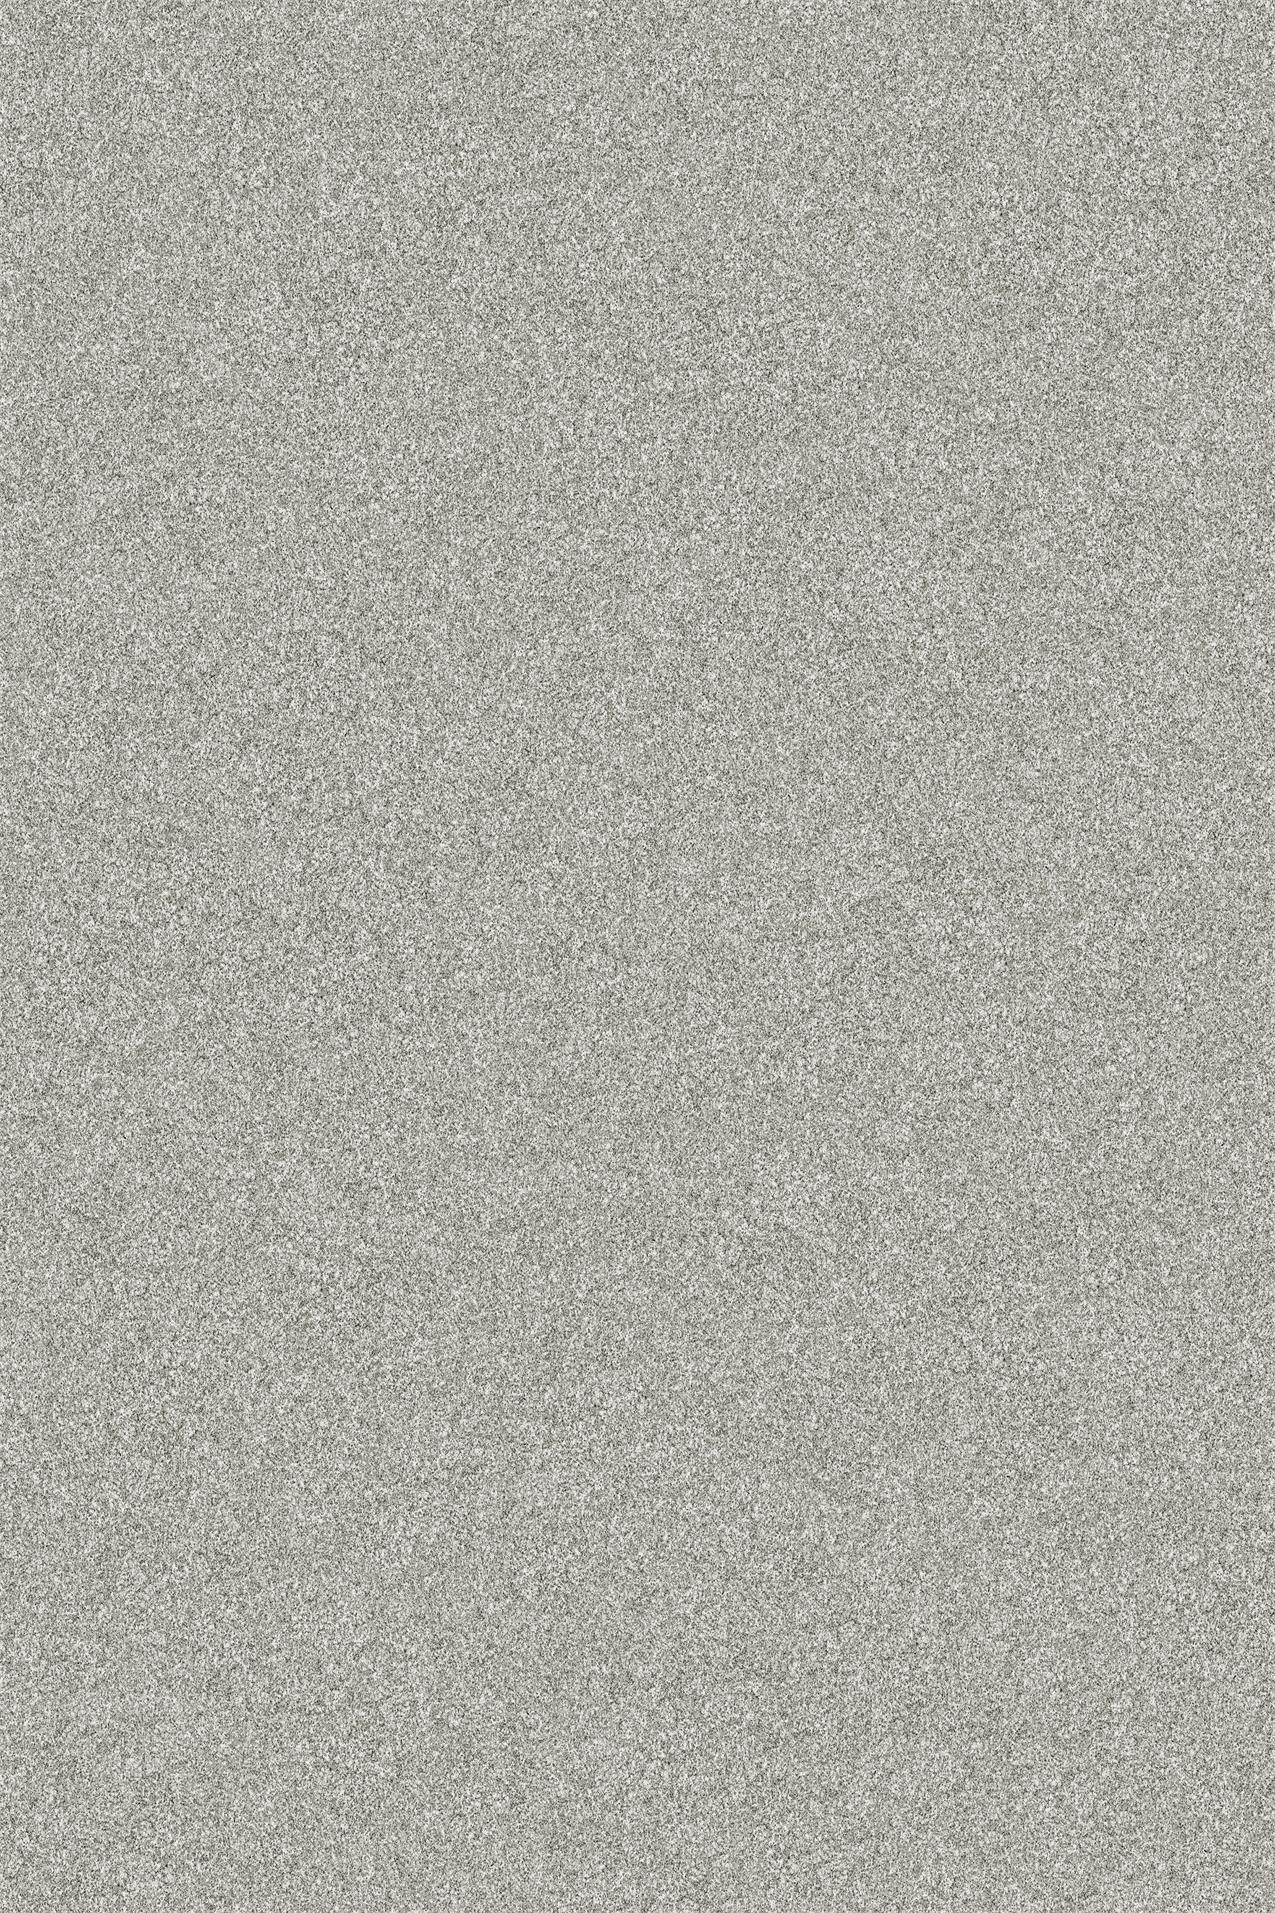 69HG06A芝麻中灰